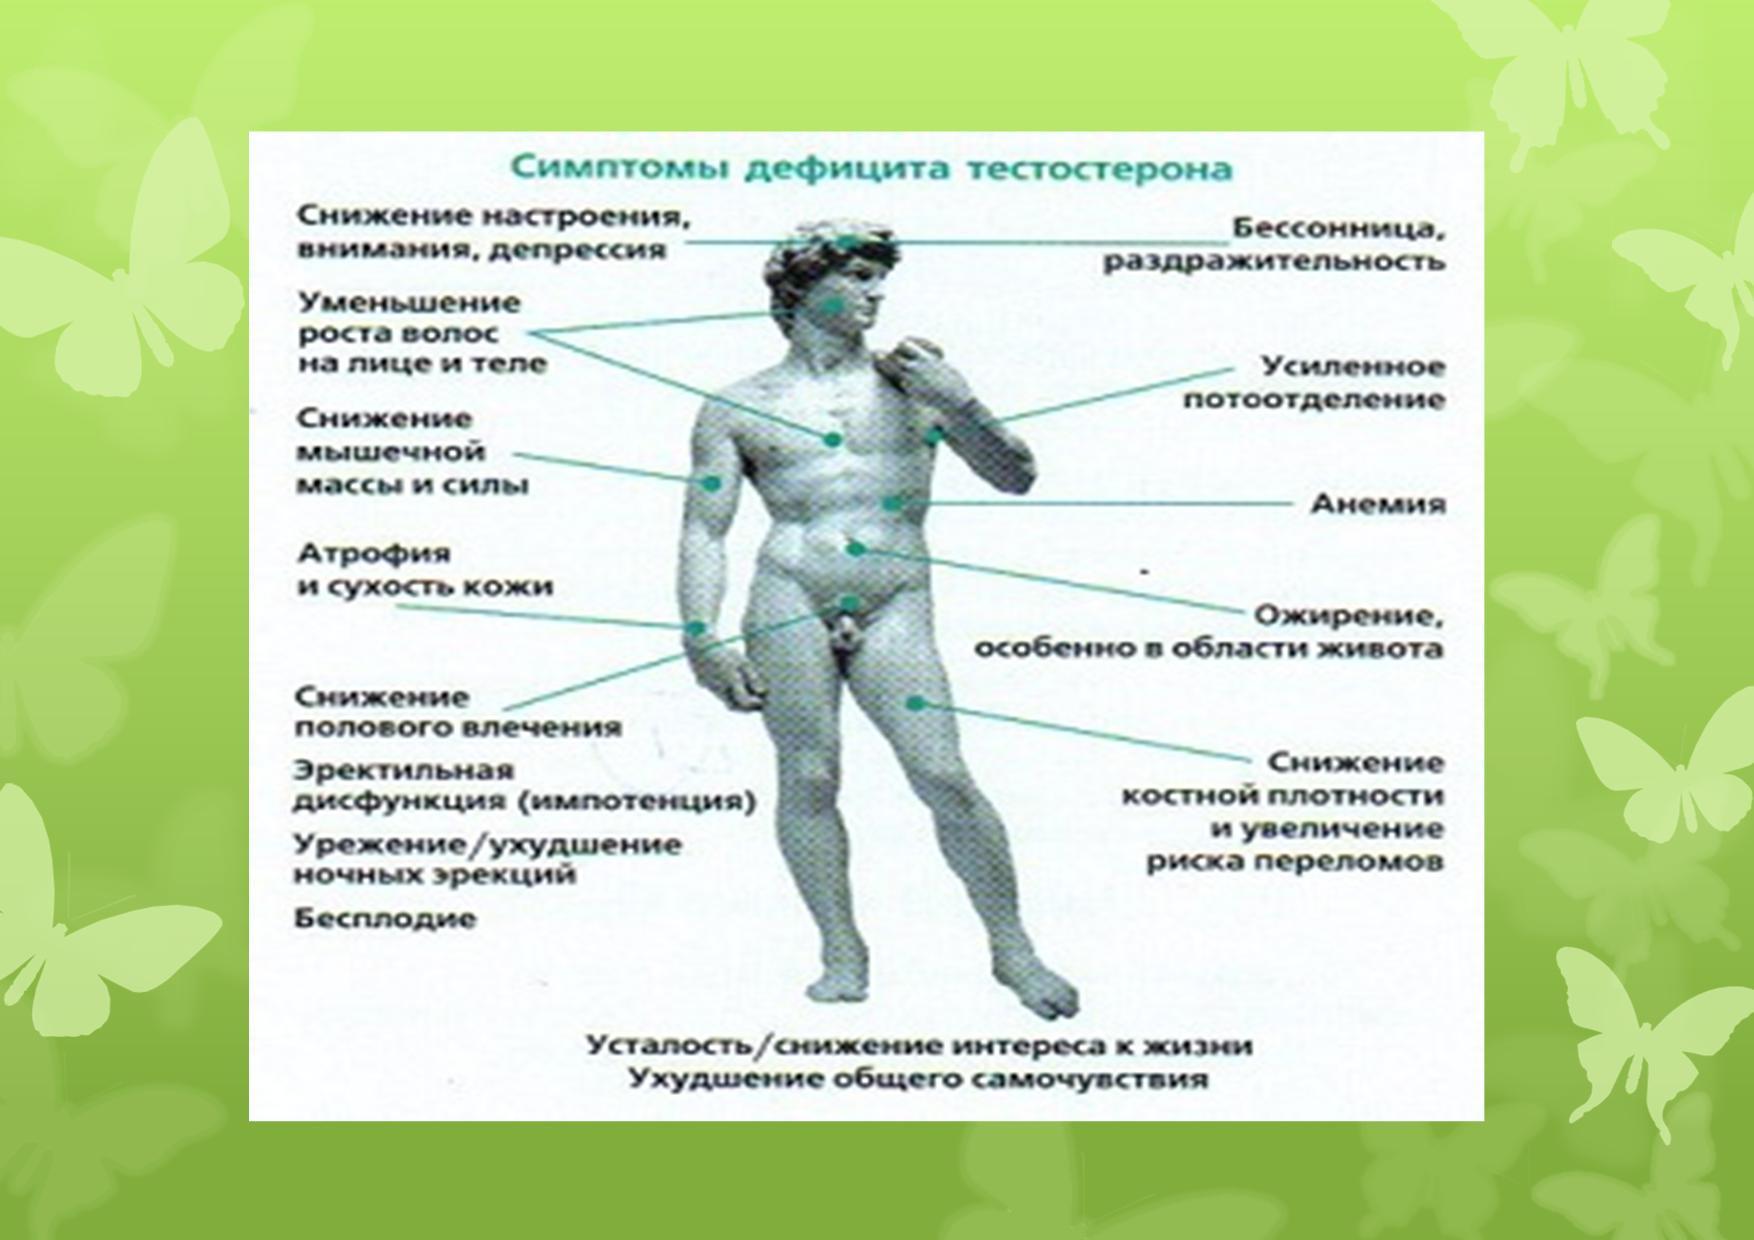 testosteron-i-seksualnost-zhenshini-vliyanie